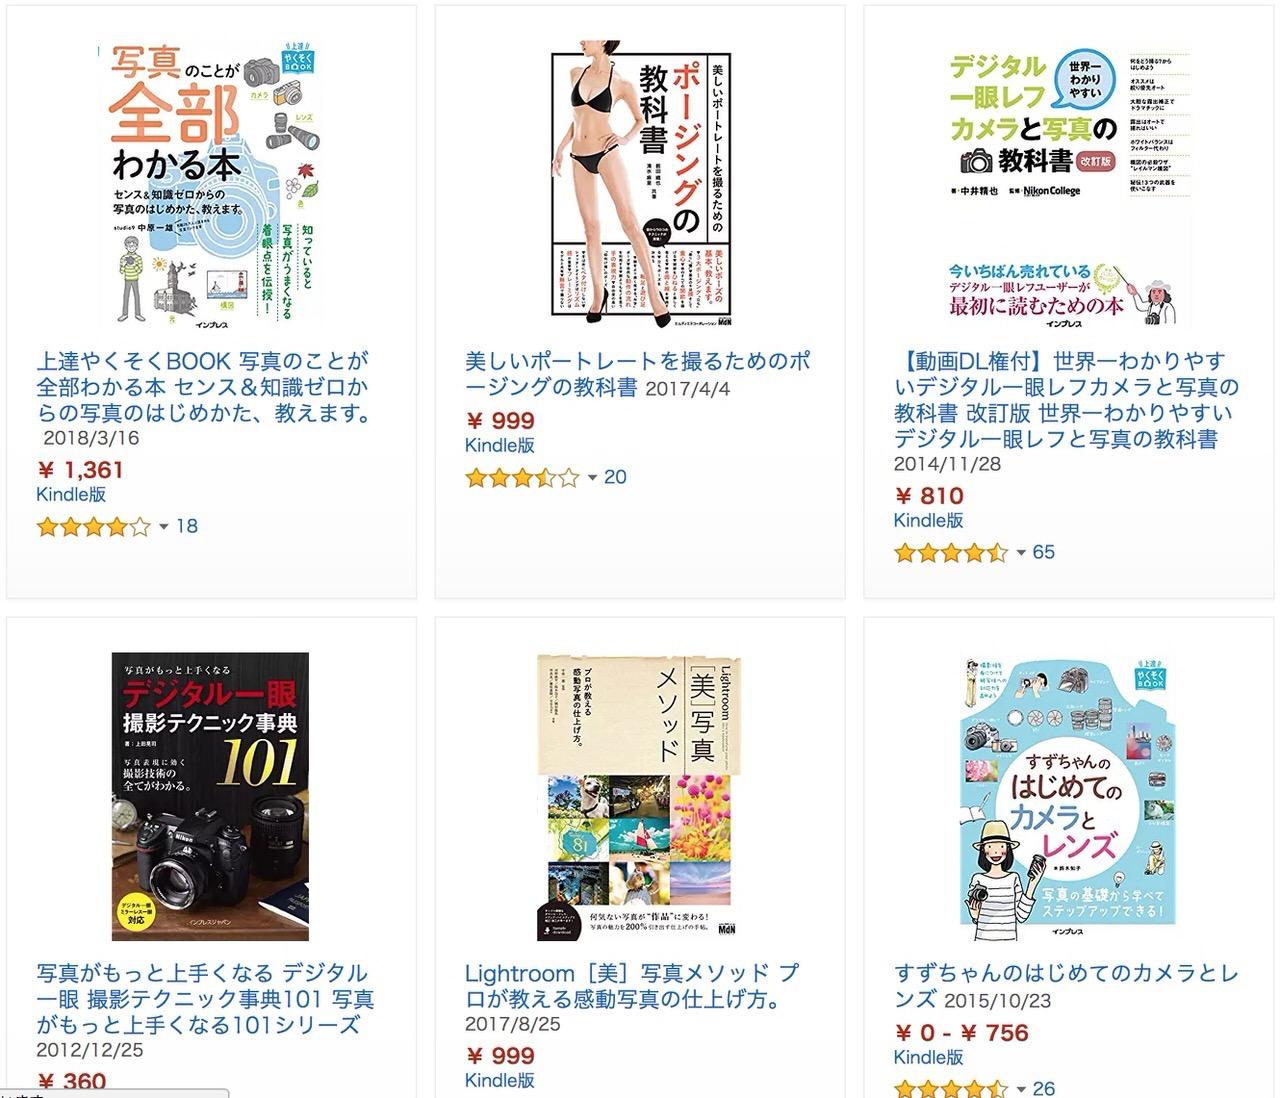 【Kindleセール】最大50%OFF「写真撮影テクニック本 売れ筋セール」(8/16まで)